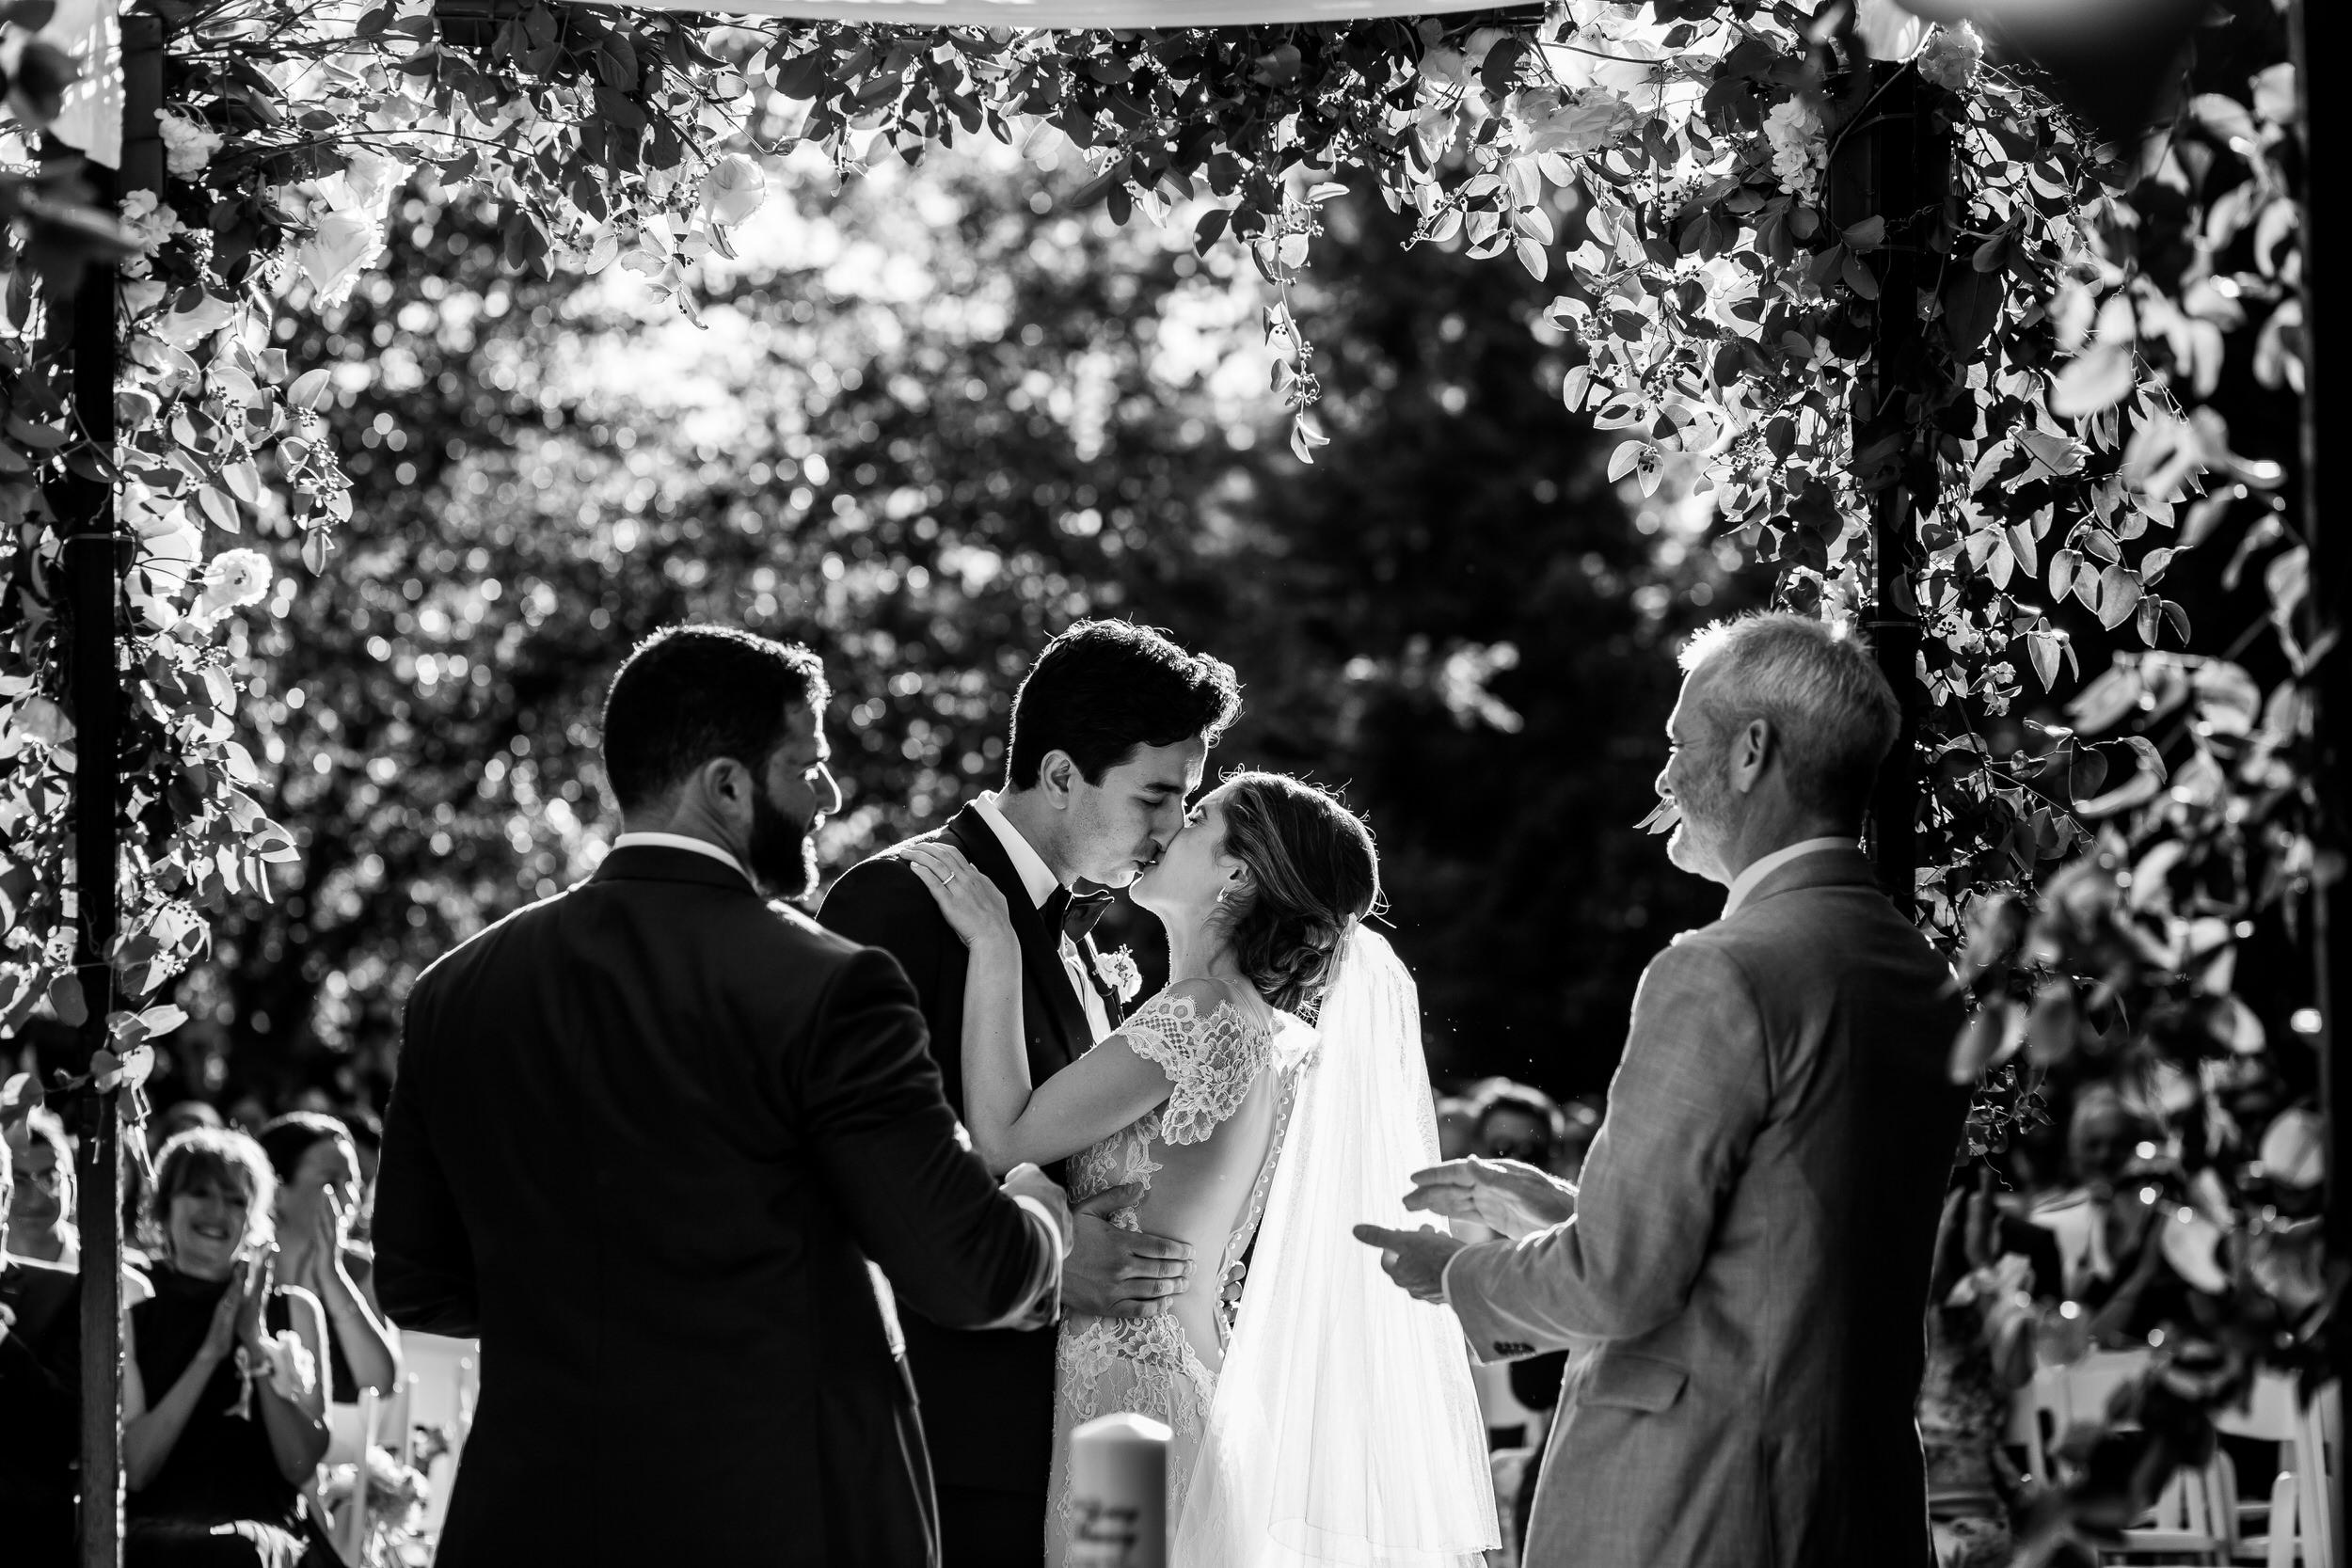 jake_marisa_allison_inn_wedding_starkphotography_034